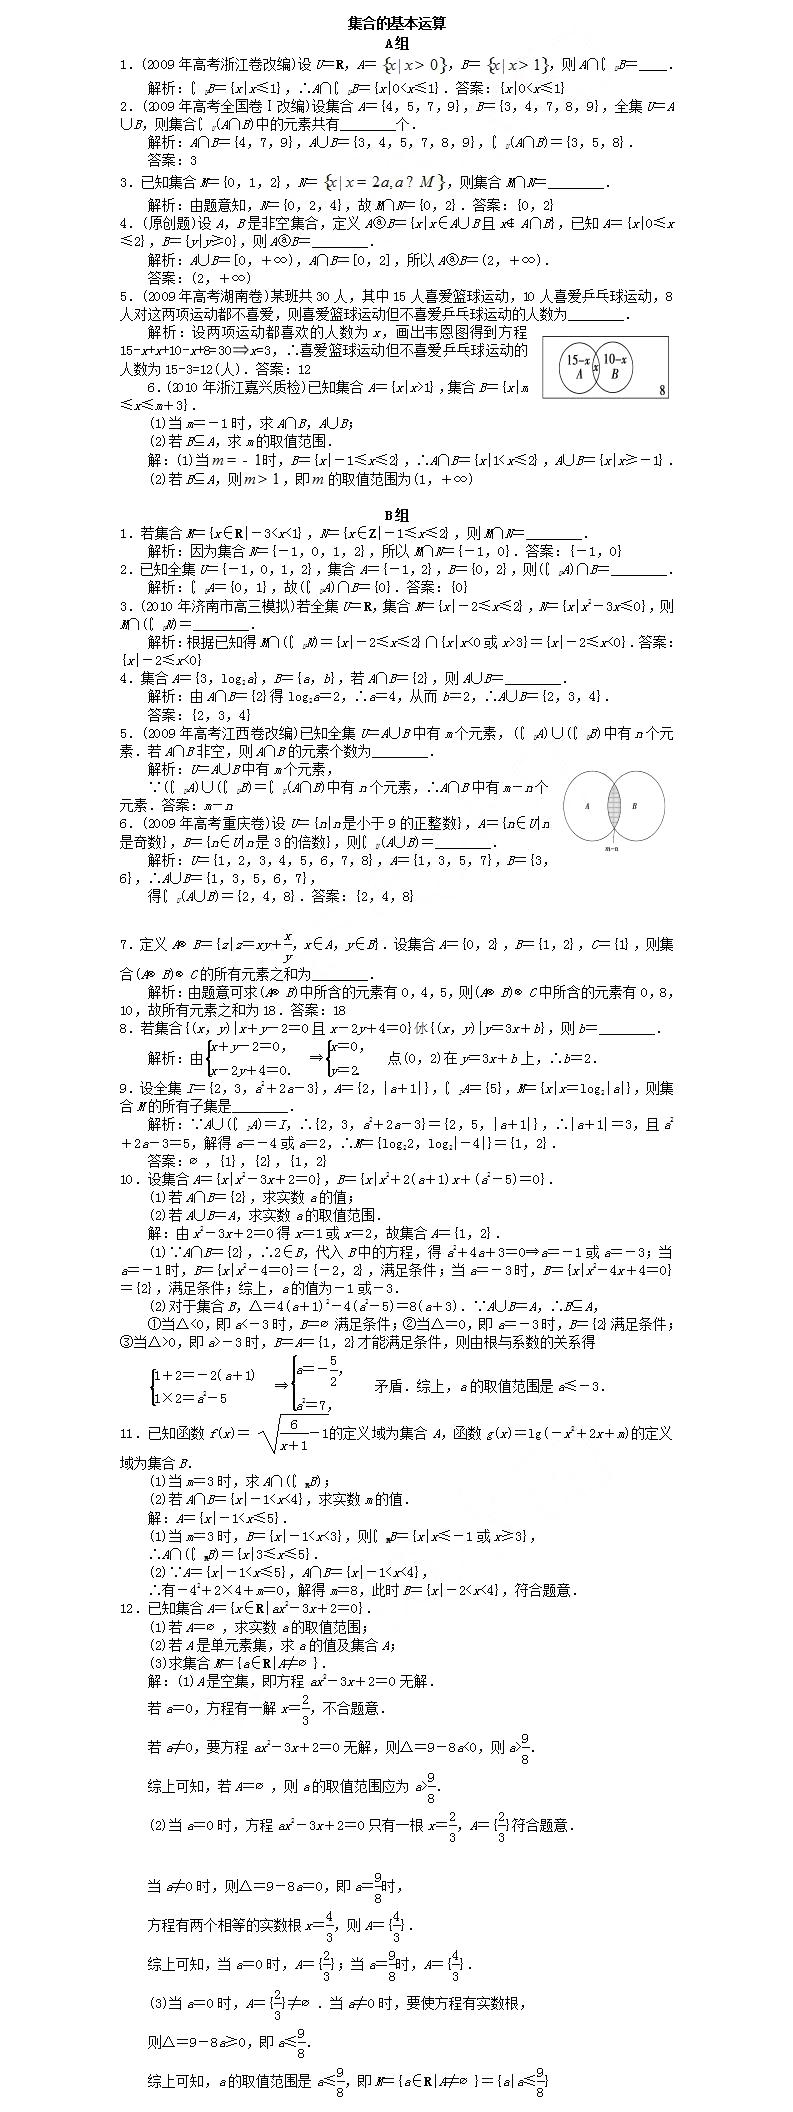 2019年高考数学专项练习:集合的基本运算